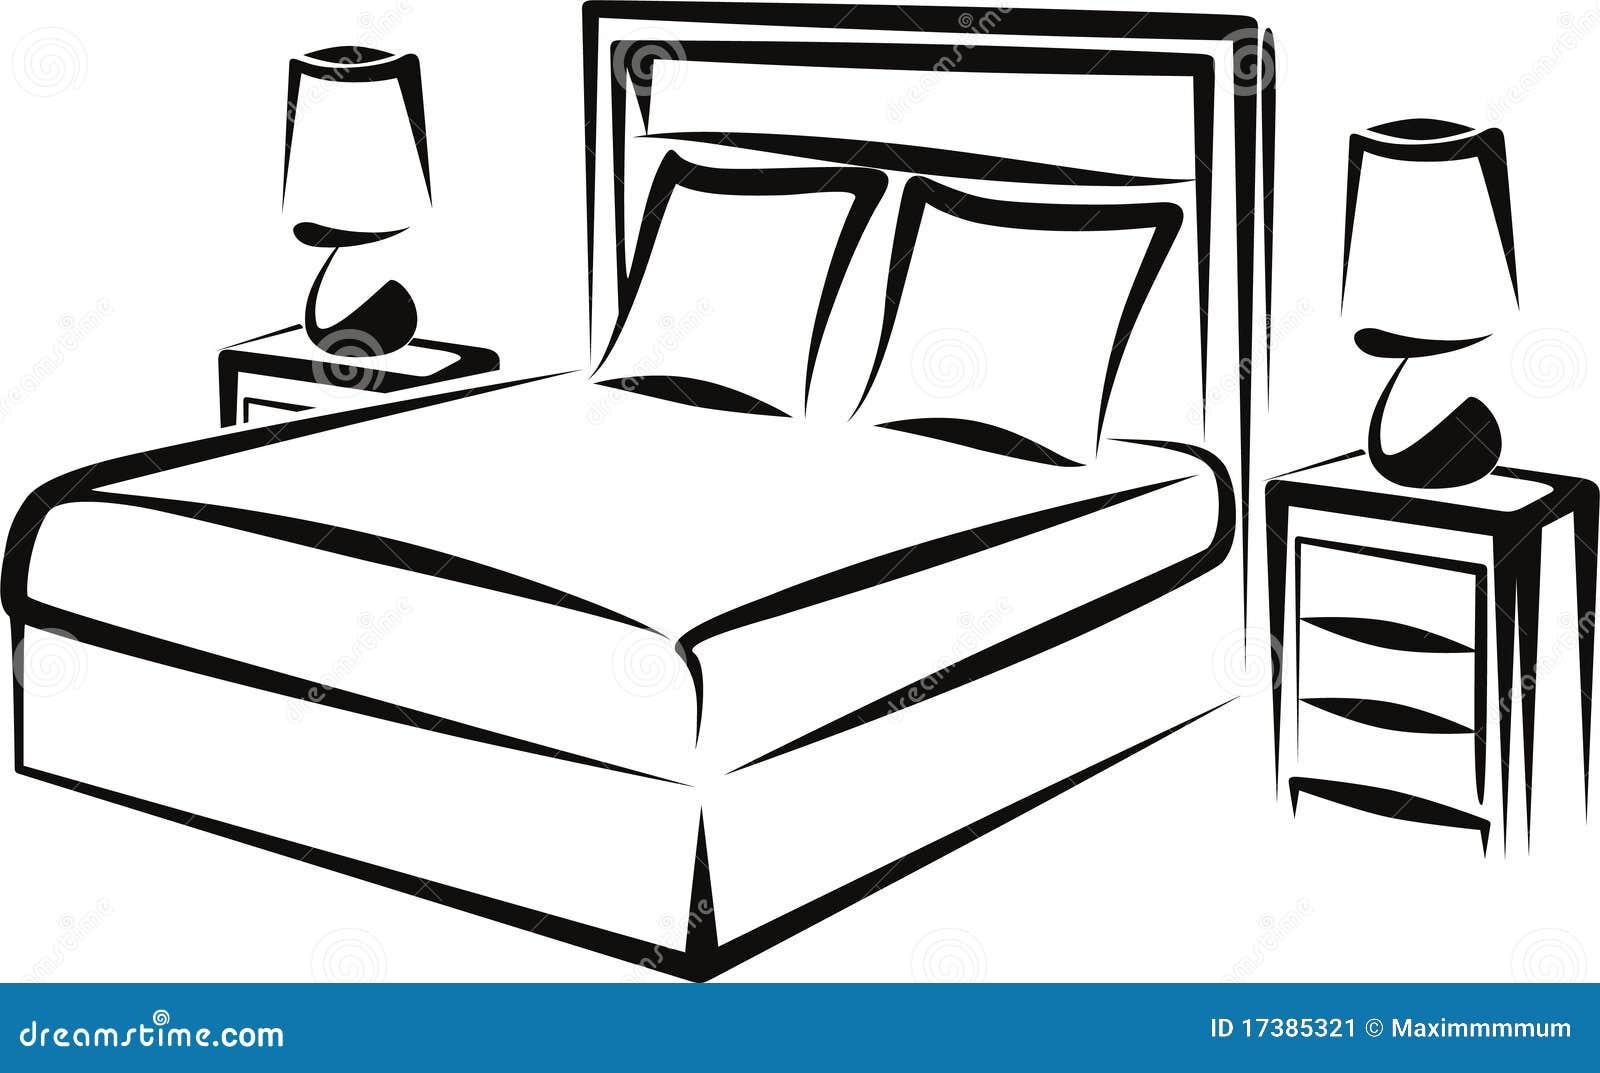 schlafzimmer stockbild - bild: 17385321, Schlafzimmer entwurf